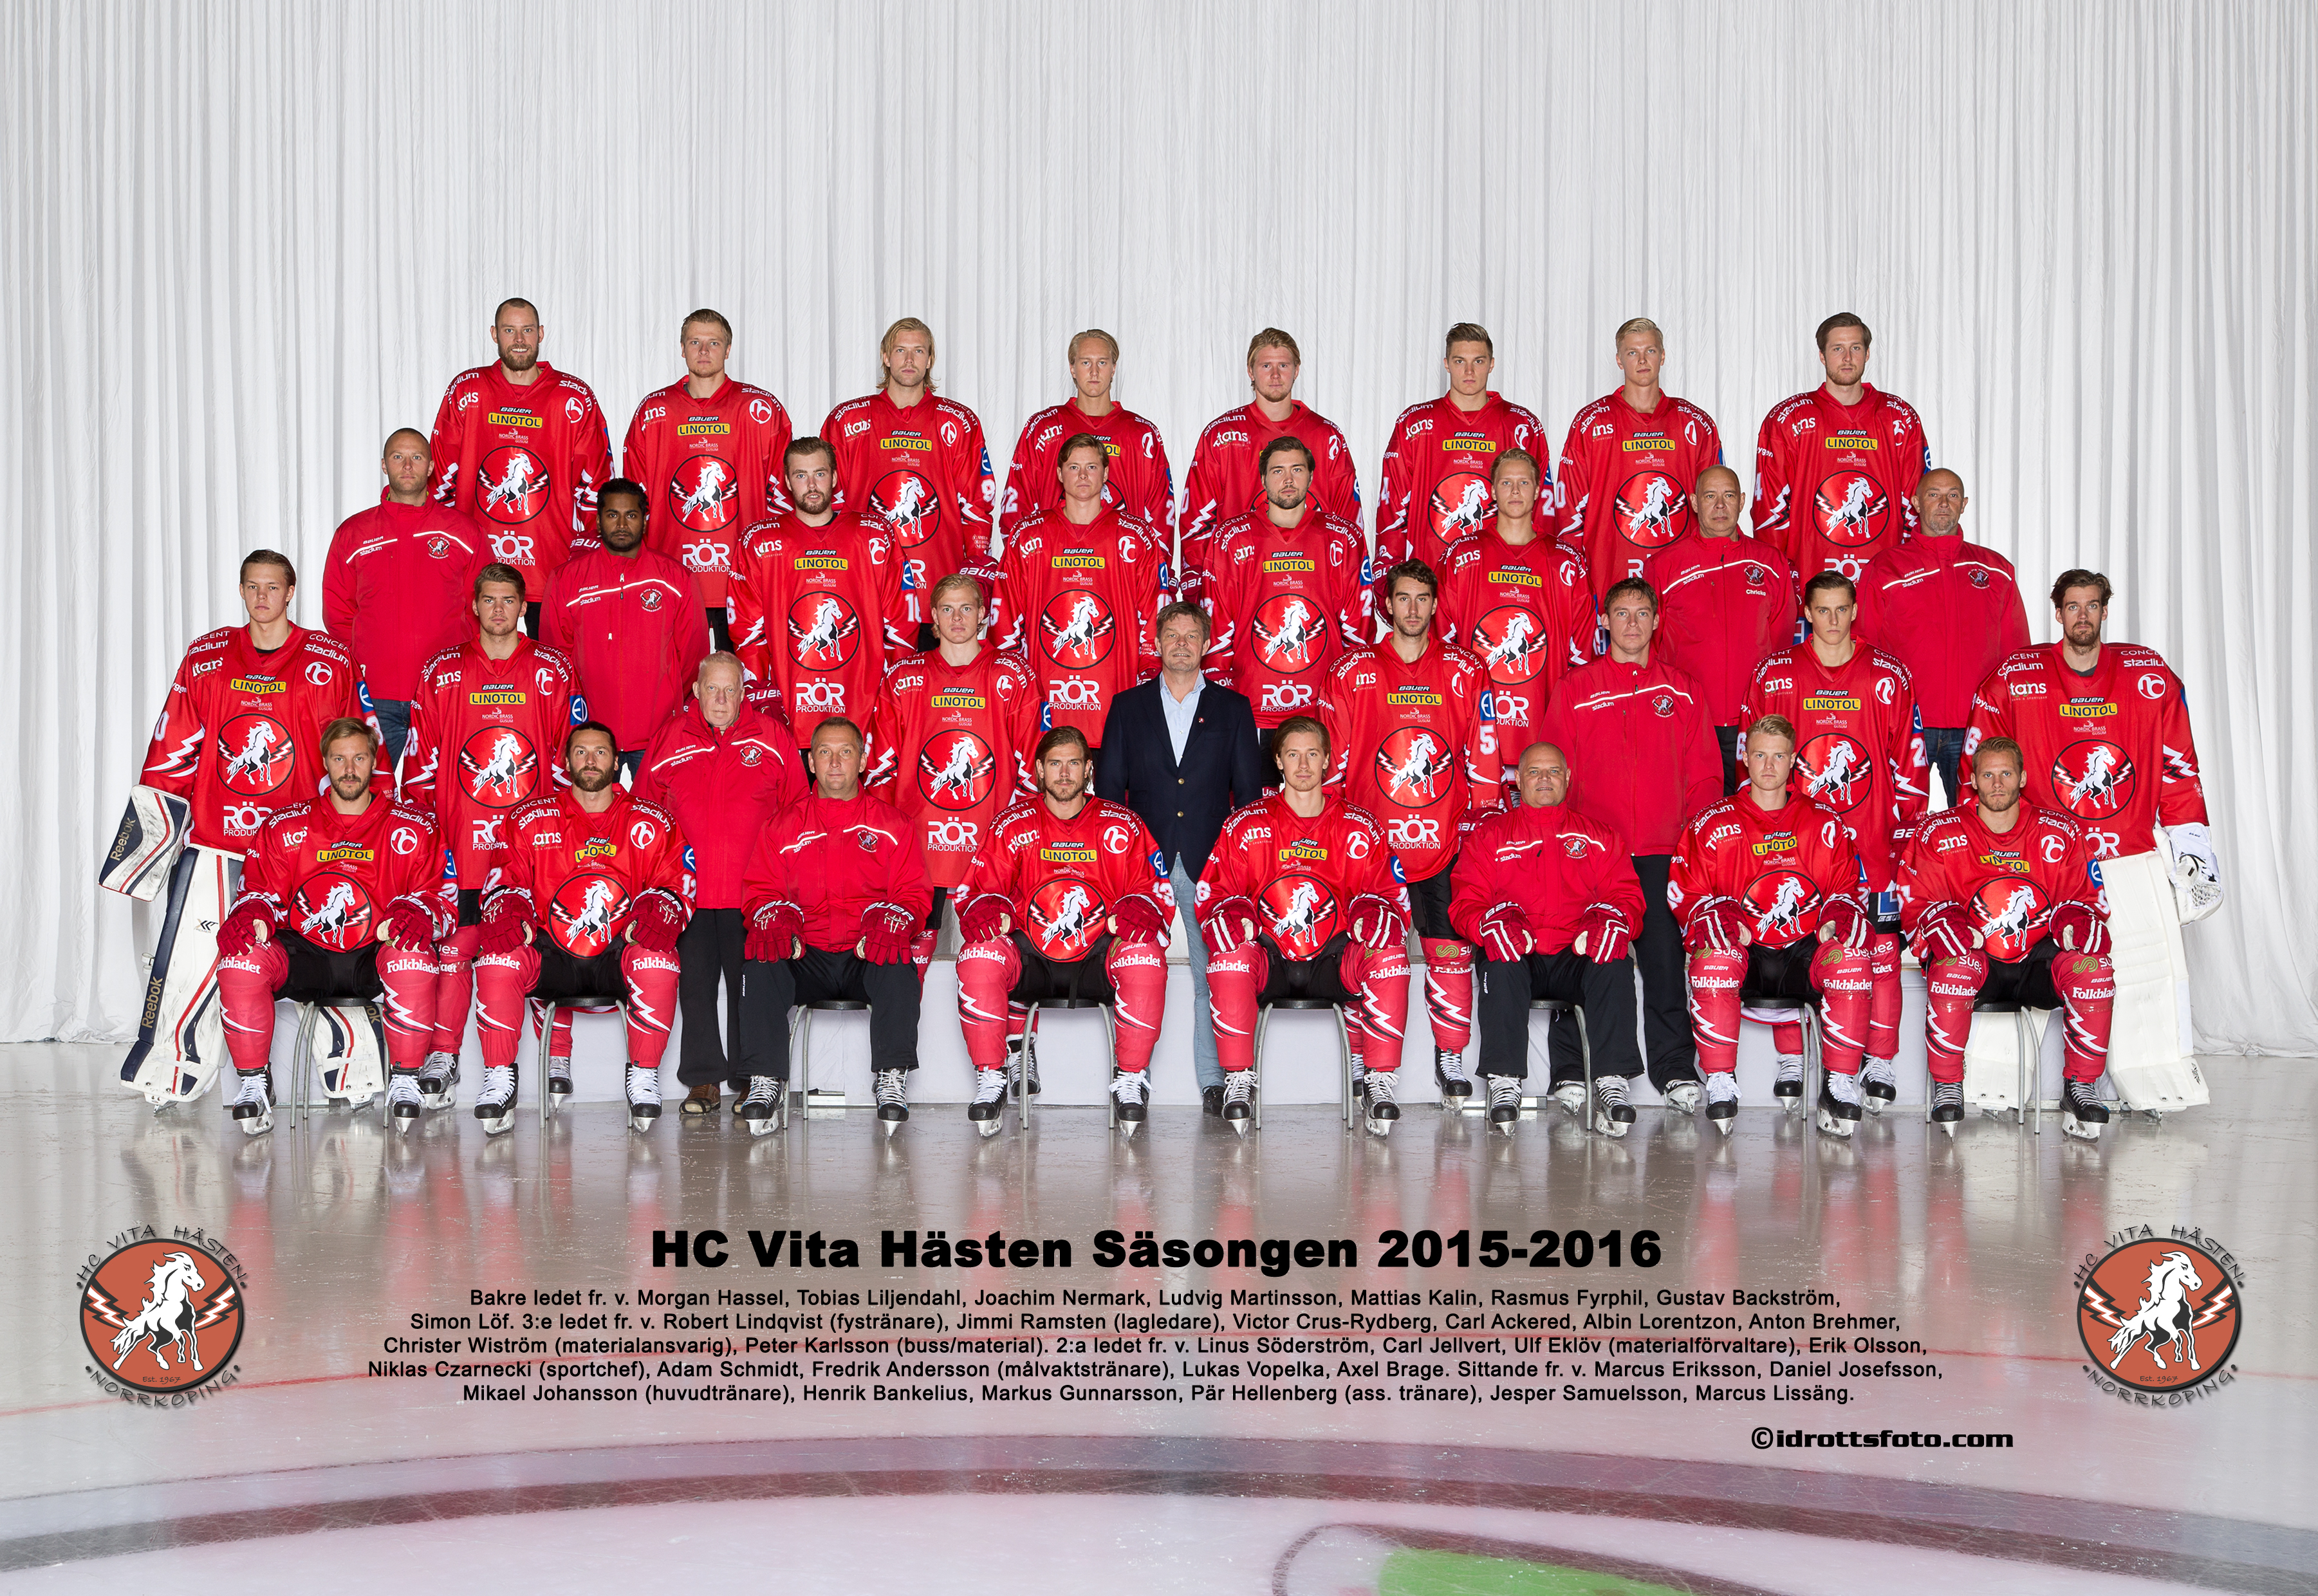 Vita Hästen 2015/16